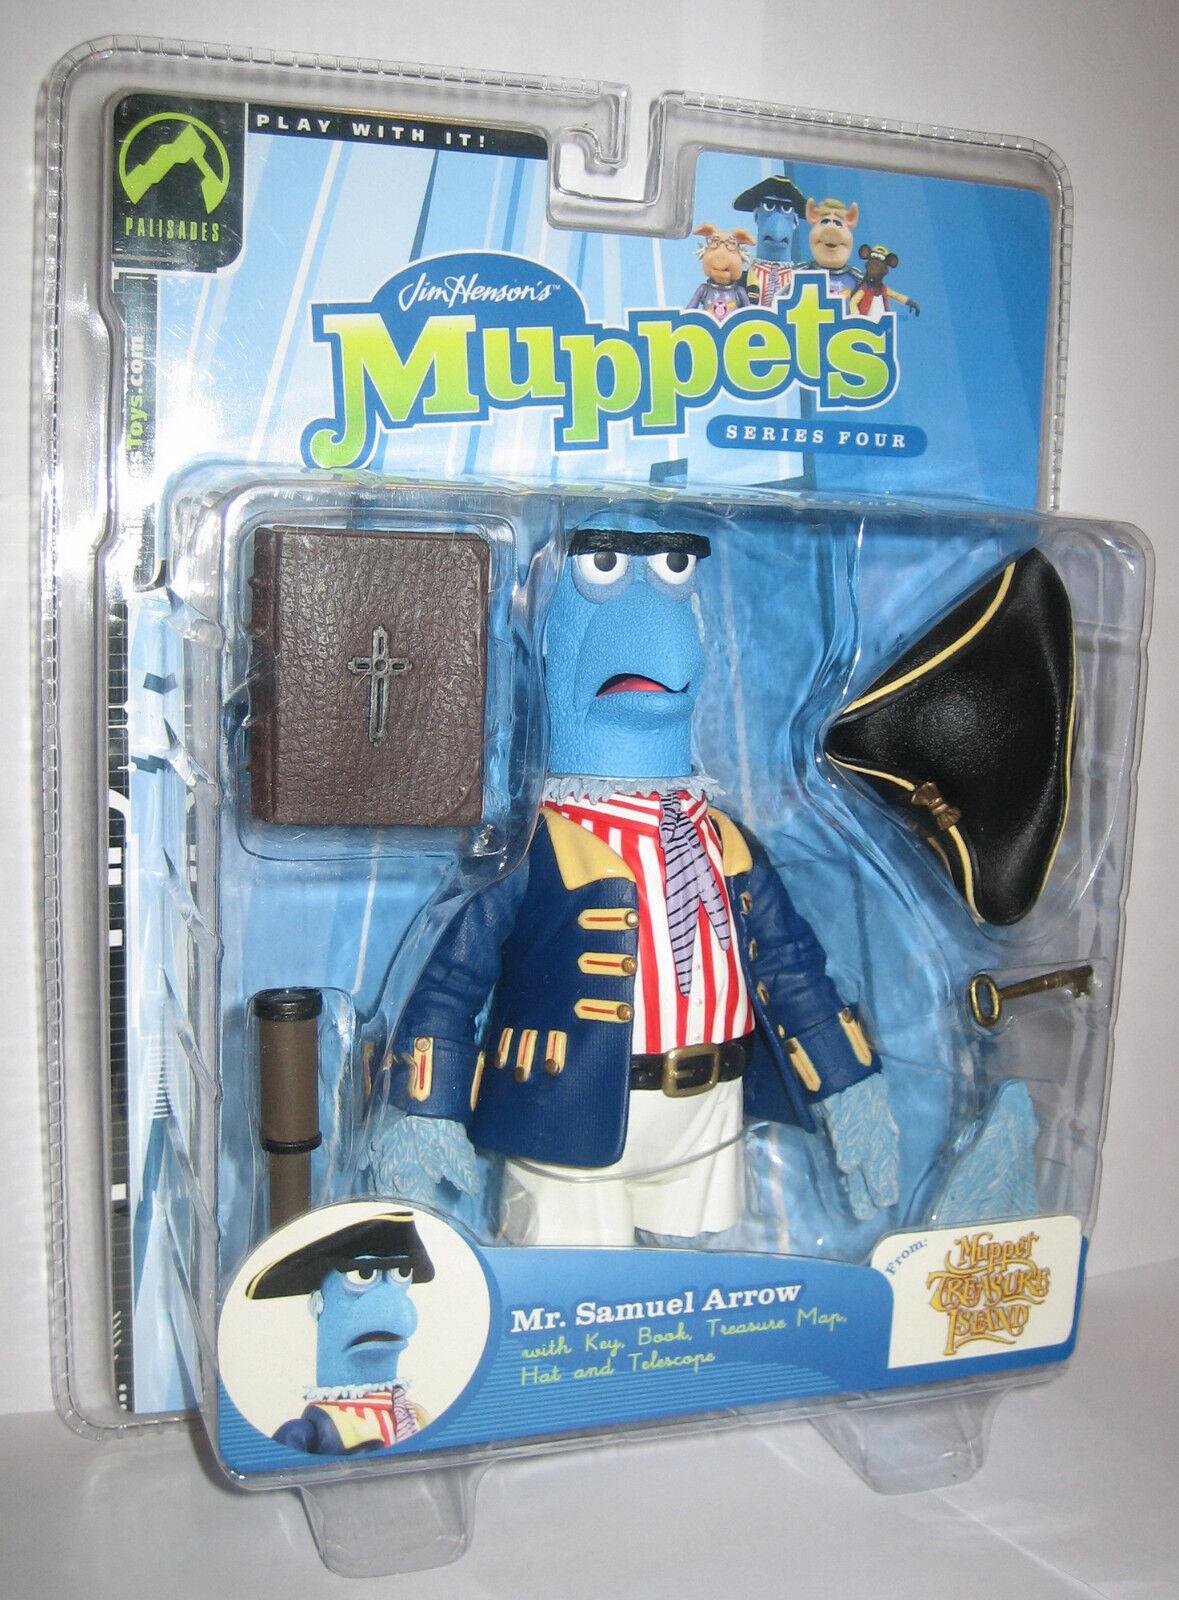 The The Muppet Mr. Samuel Arrow Sam Show 4 Palisades figura nuevo, sin usar Series  ahorra hasta un 30-50% de descuento